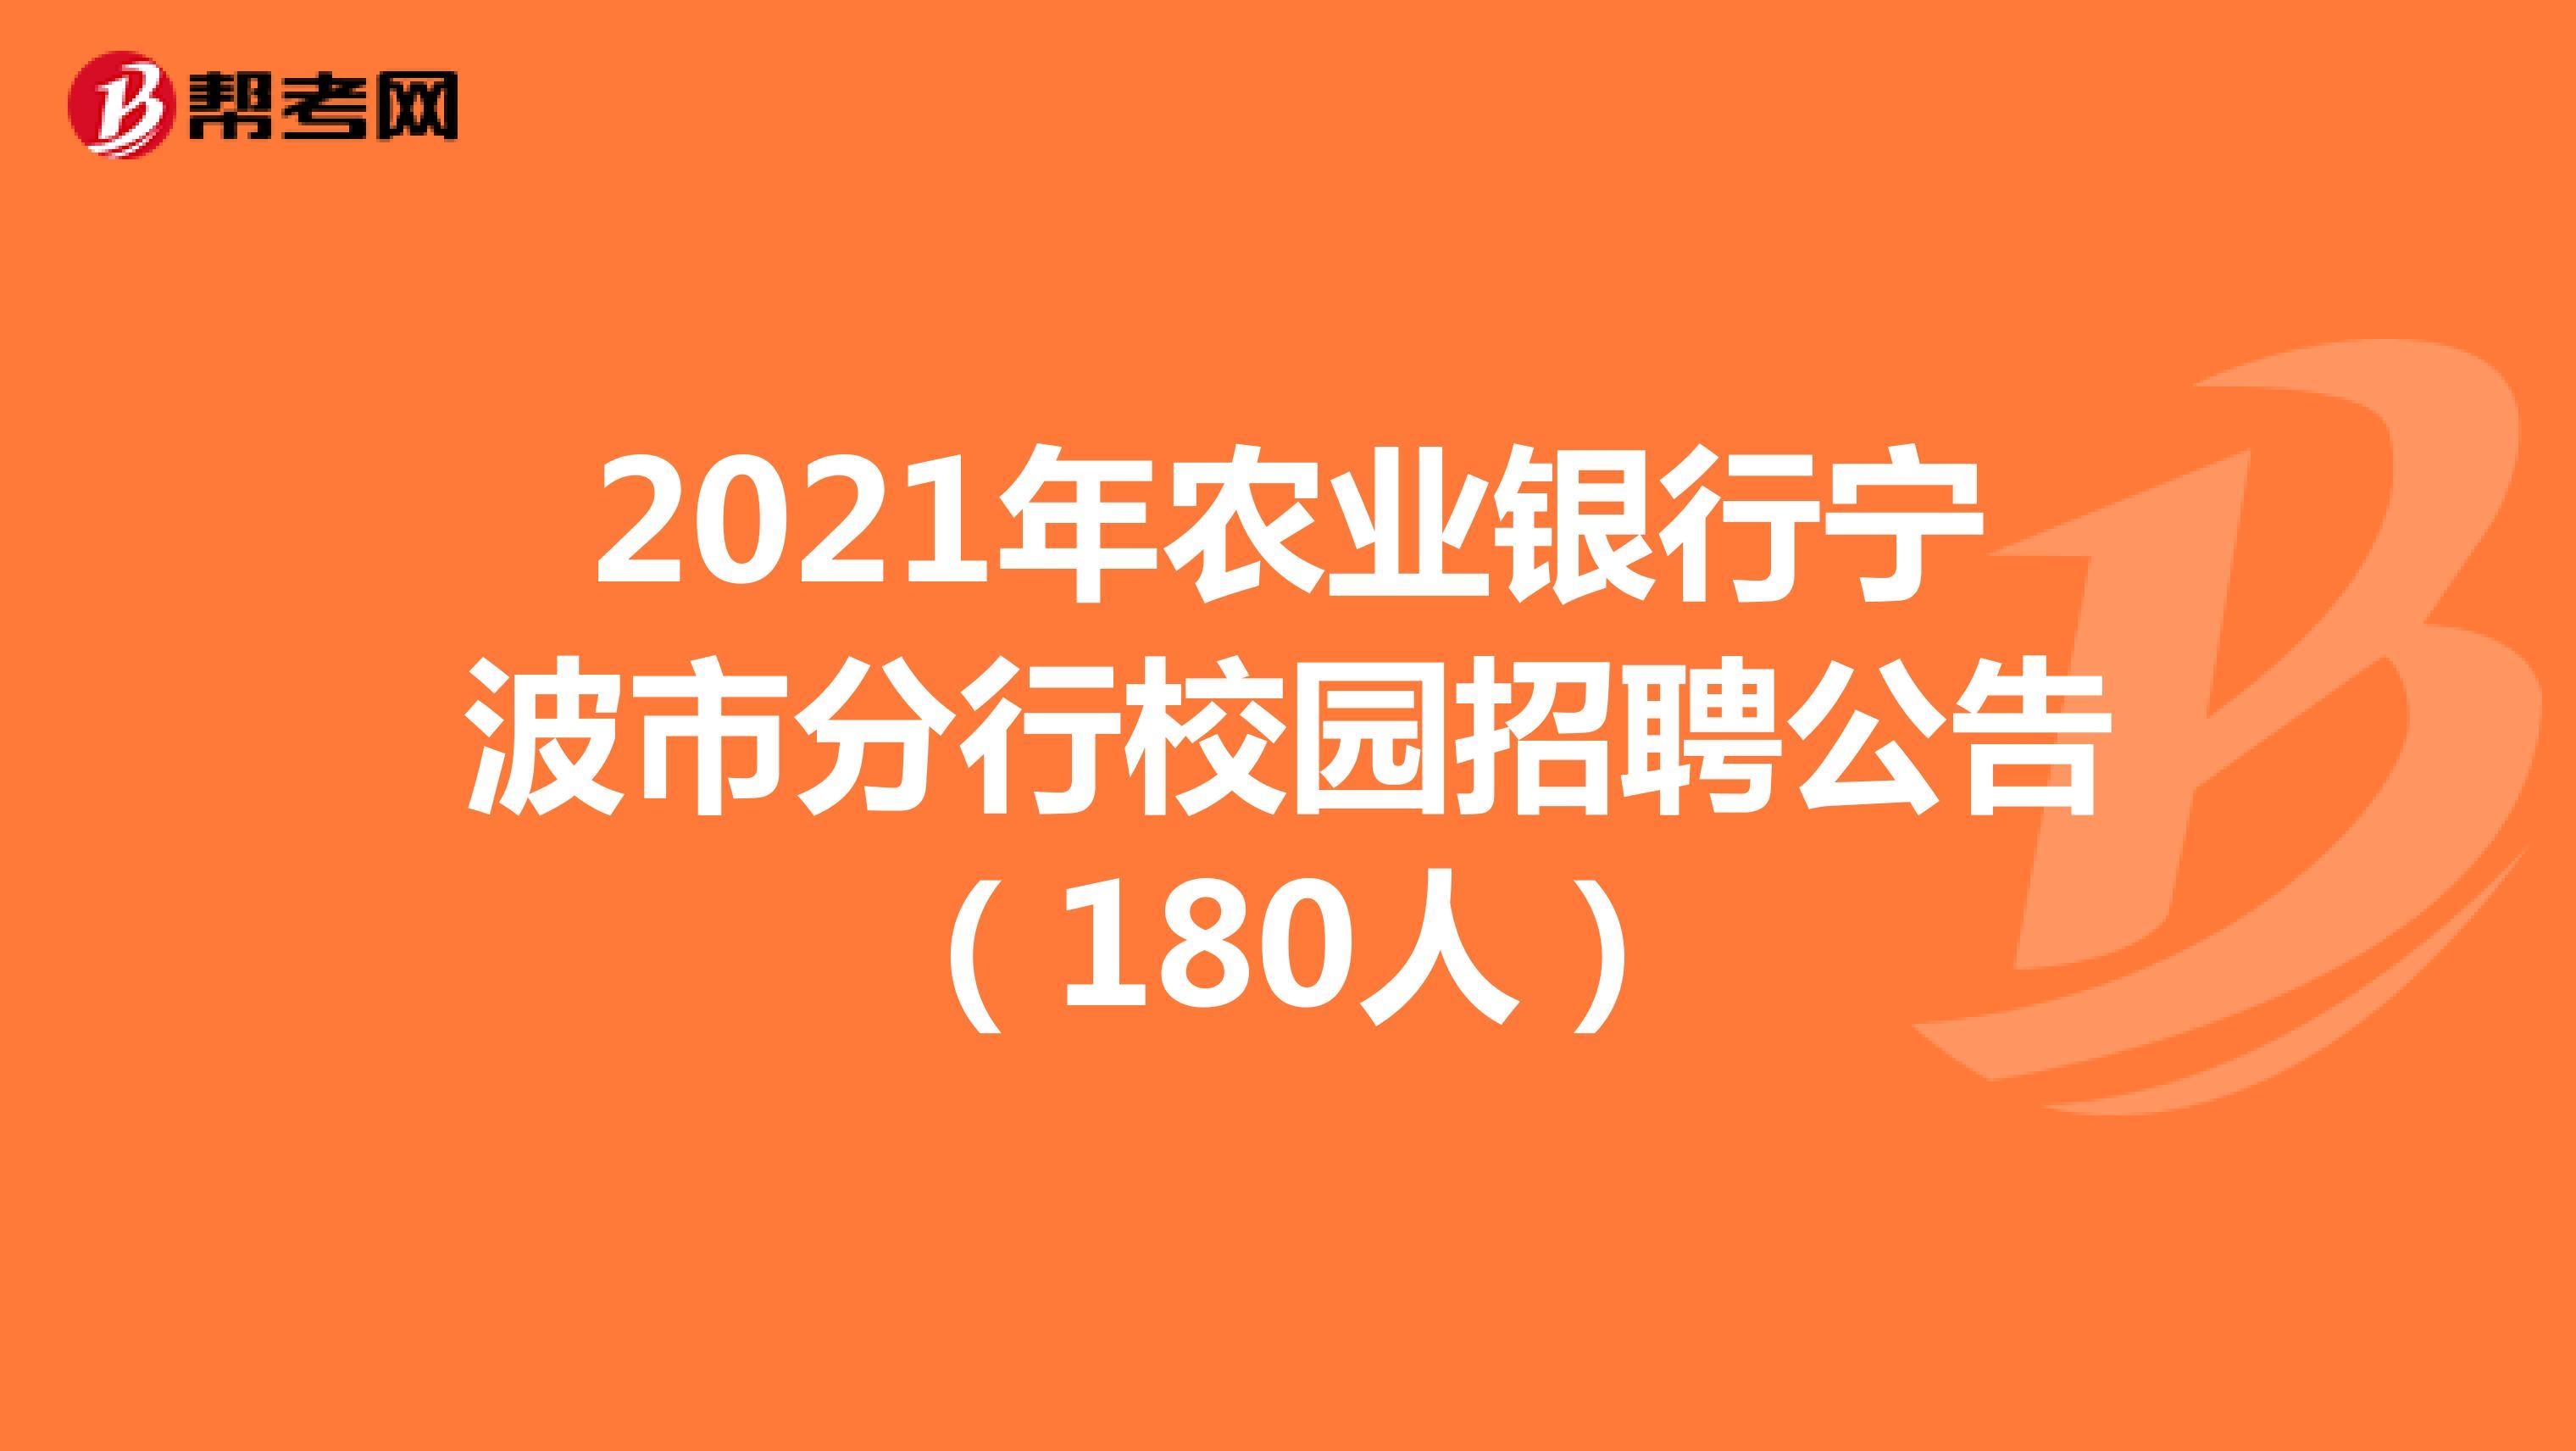 2021年农业银行宁波市分行校园招聘公告(180人)